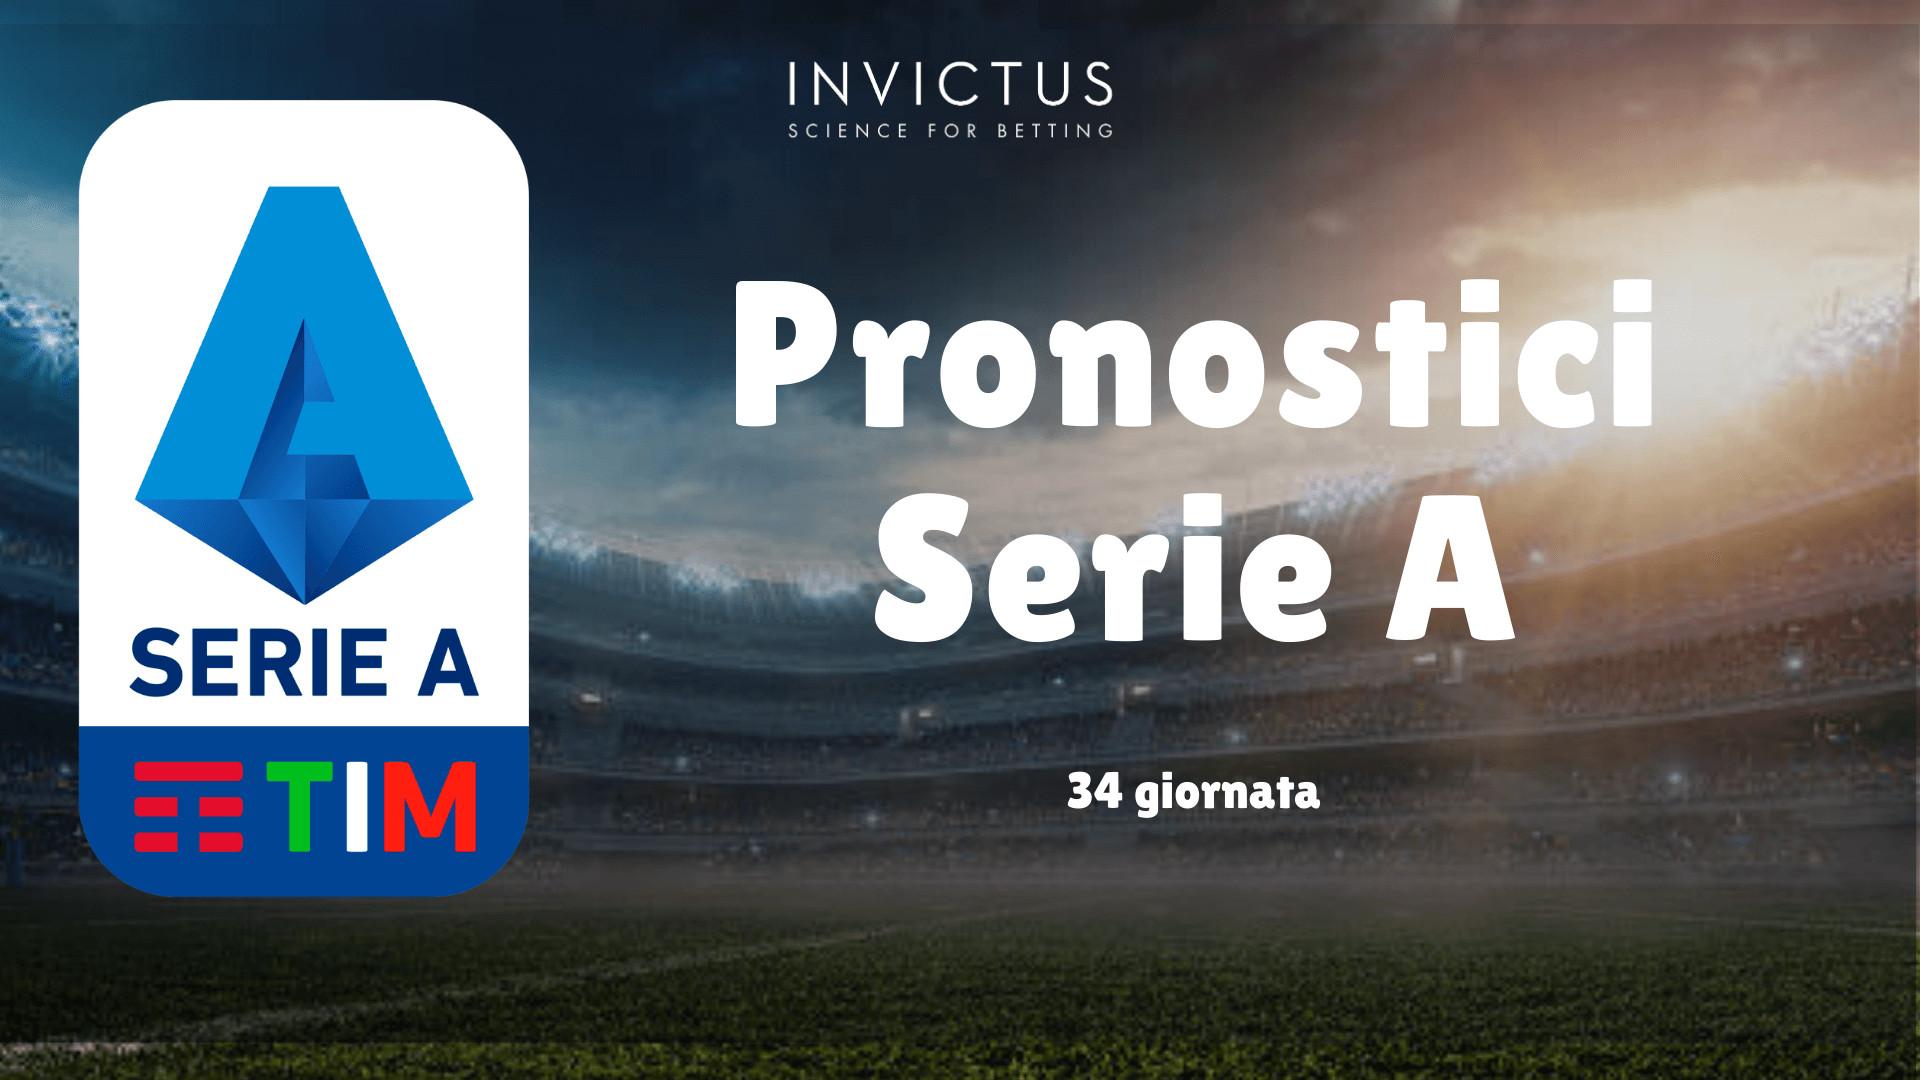 Pronostici Serie A 34 Giornata Invictus Blog